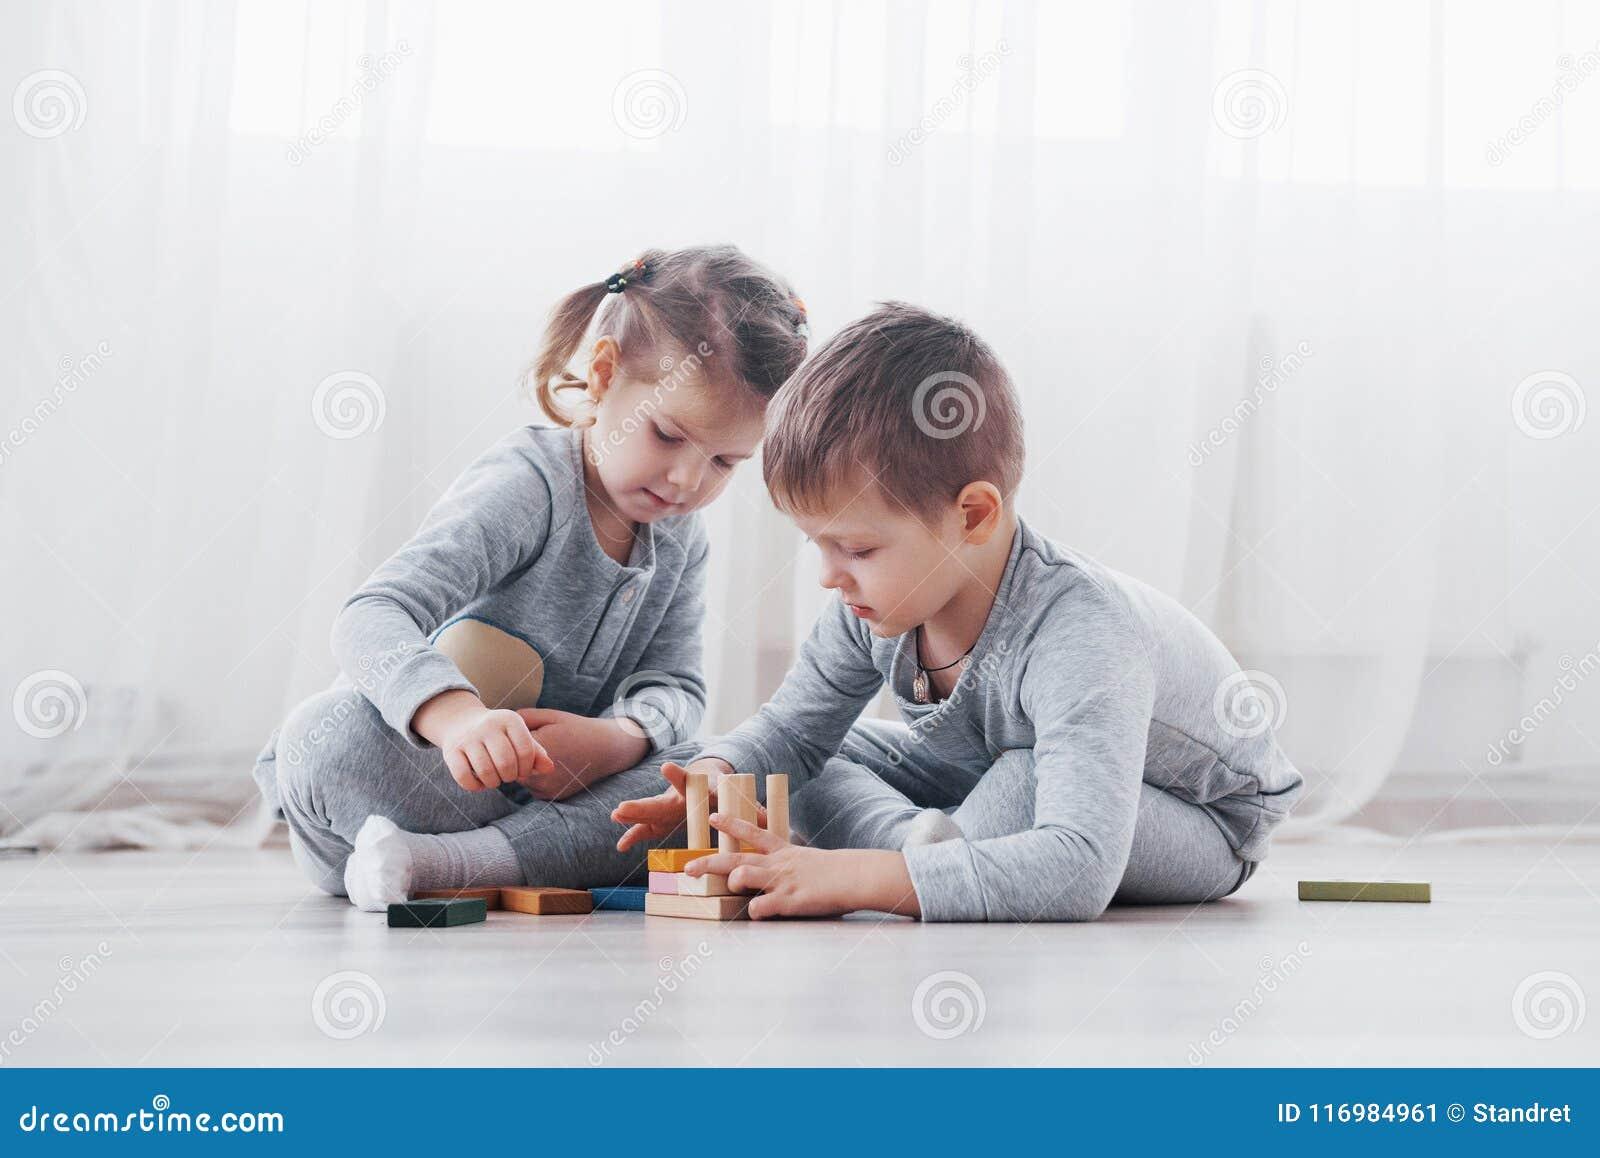 Τα παιδιά παίζουν με έναν σχεδιαστή παιχνιδιών στο πάτωμα του δωματίου παιδιών ` s ζωηρόχρωμα απομονωμένα κατσίκια ομάδων δεδομέν